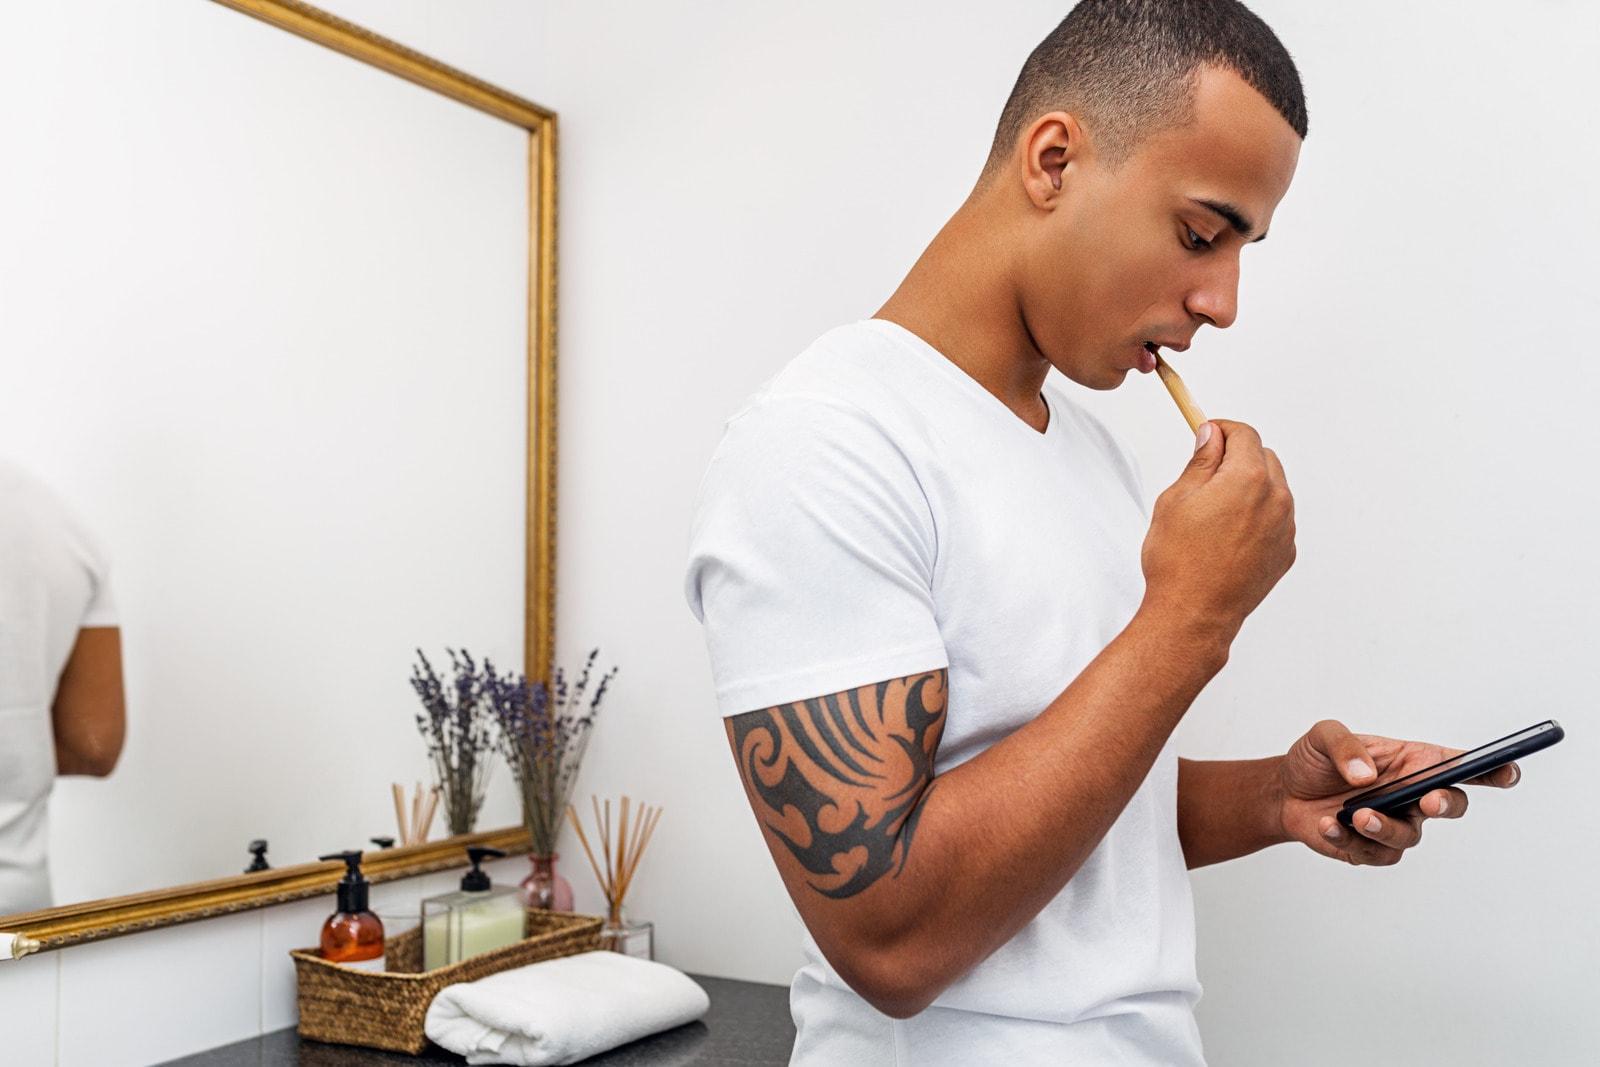 Stående glute kickbacks mens du pusser tennene